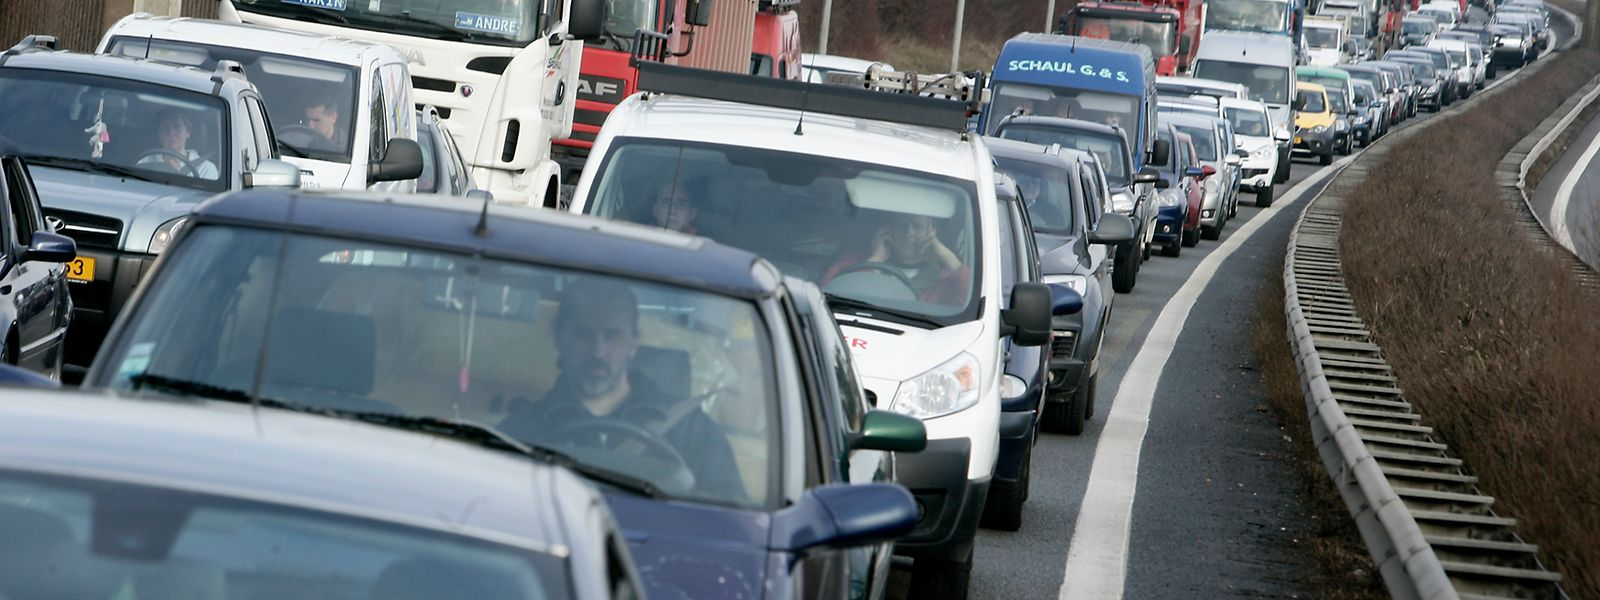 Chaque semaine, compte tenu des nouveaux recrutements, 155 voitures supplémentaires se lancent sur les routes luxembourgeoises.